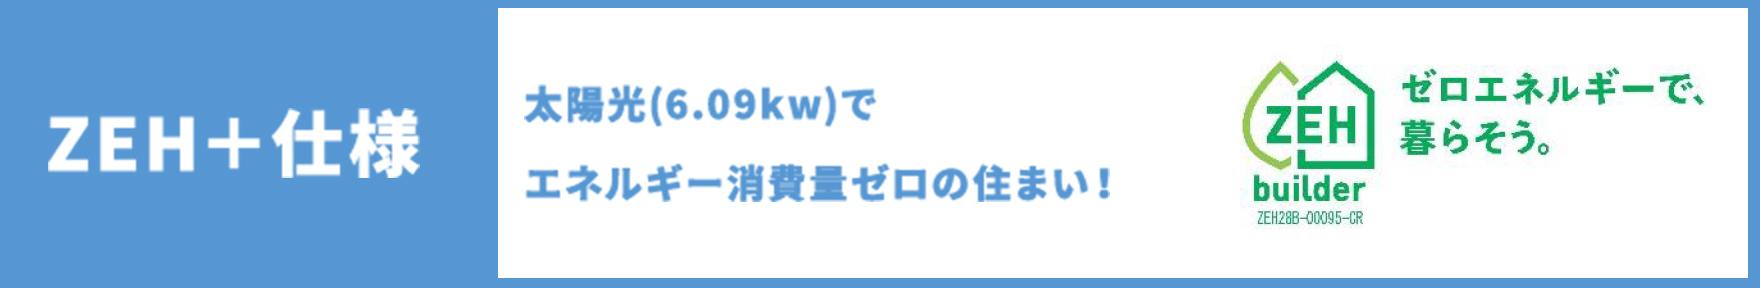 ZEH+仕様 太陽光(6.09kw)でエネルギー消費量ゼロの住まい!